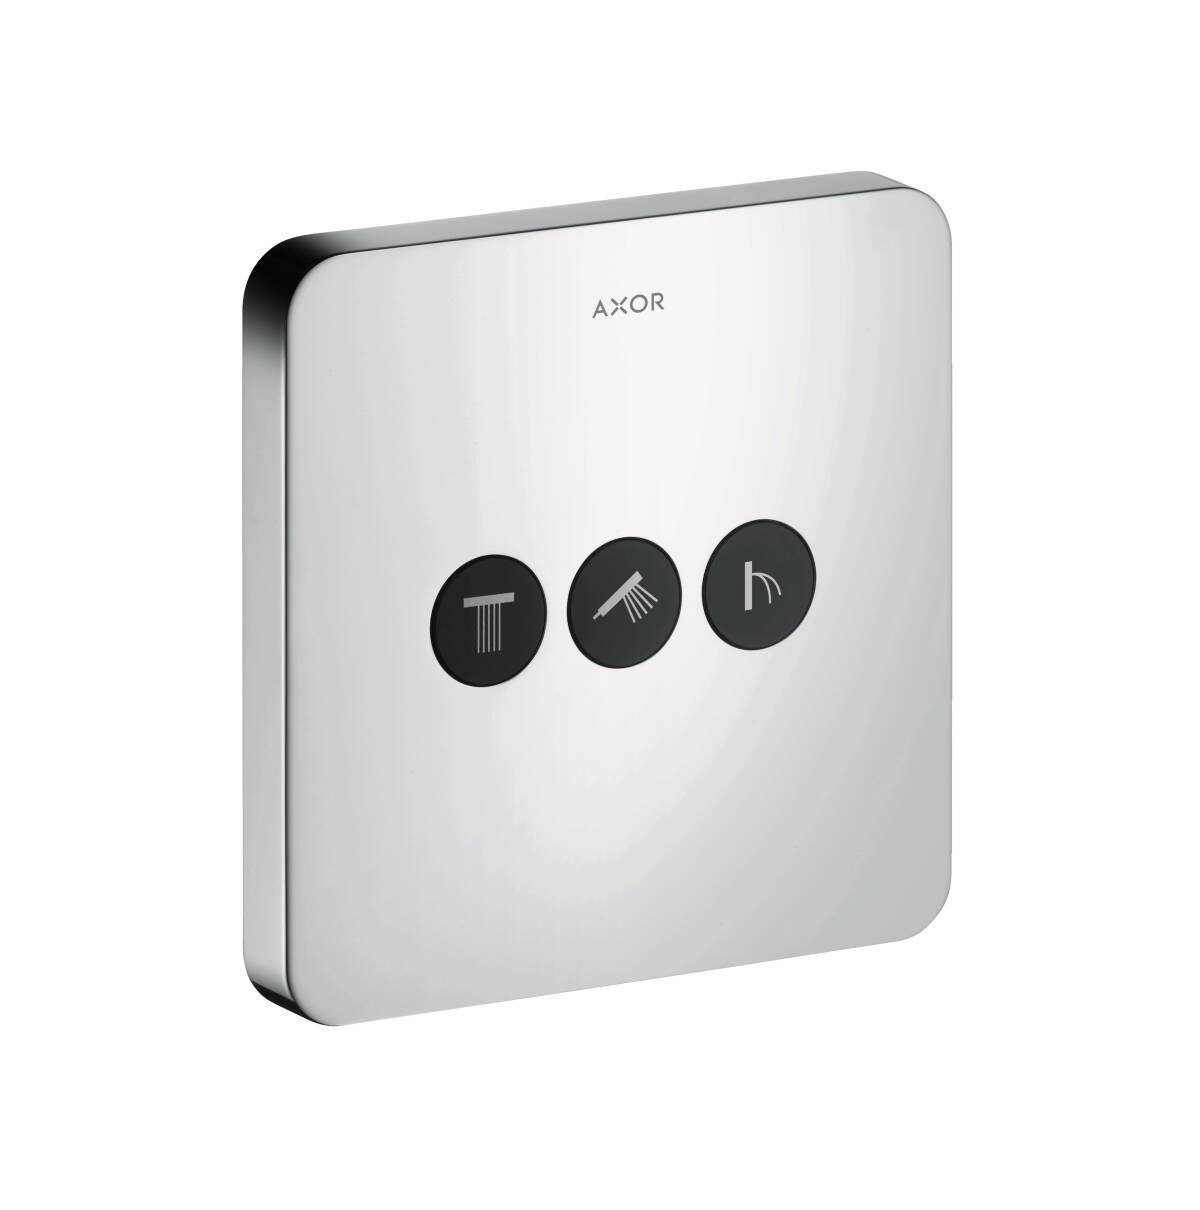 Ventil Unterputz softcube für 3 Verbraucher, Chrom, 36773000